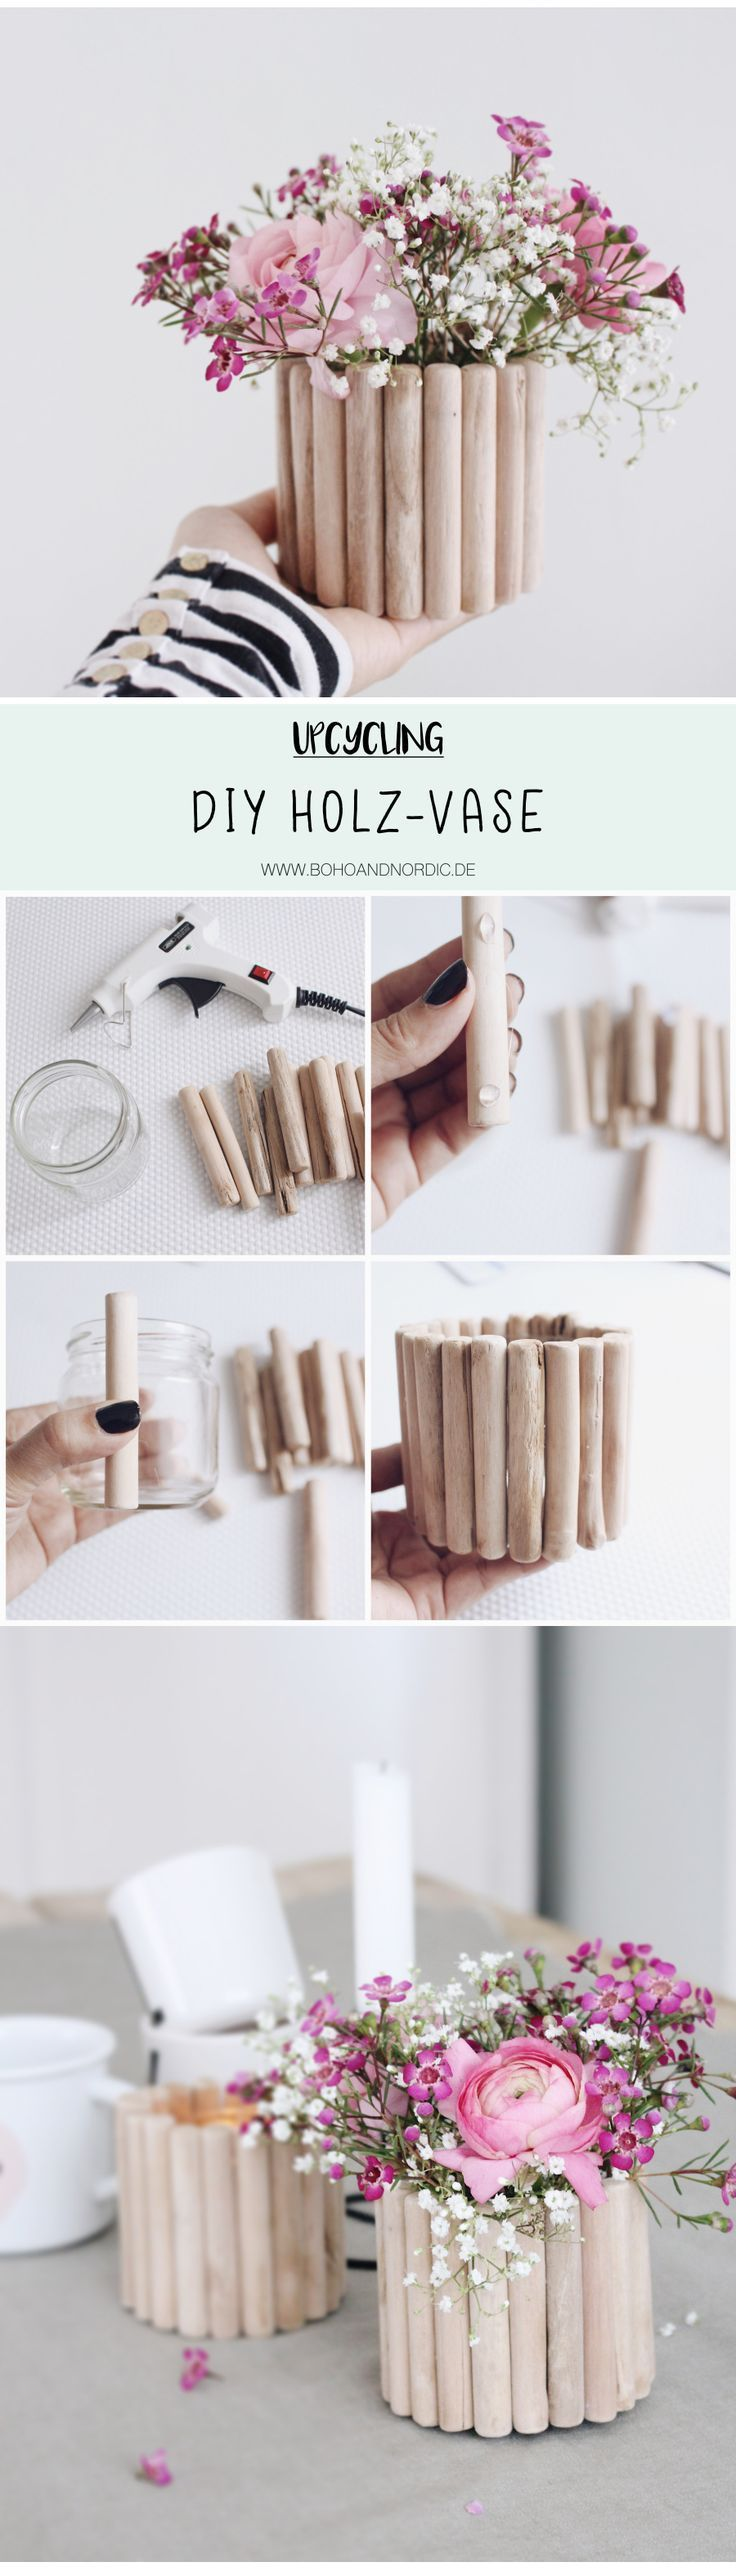 872 besten DIY, Basteln & mehr! Bilder auf Pinterest | Alles gute ...